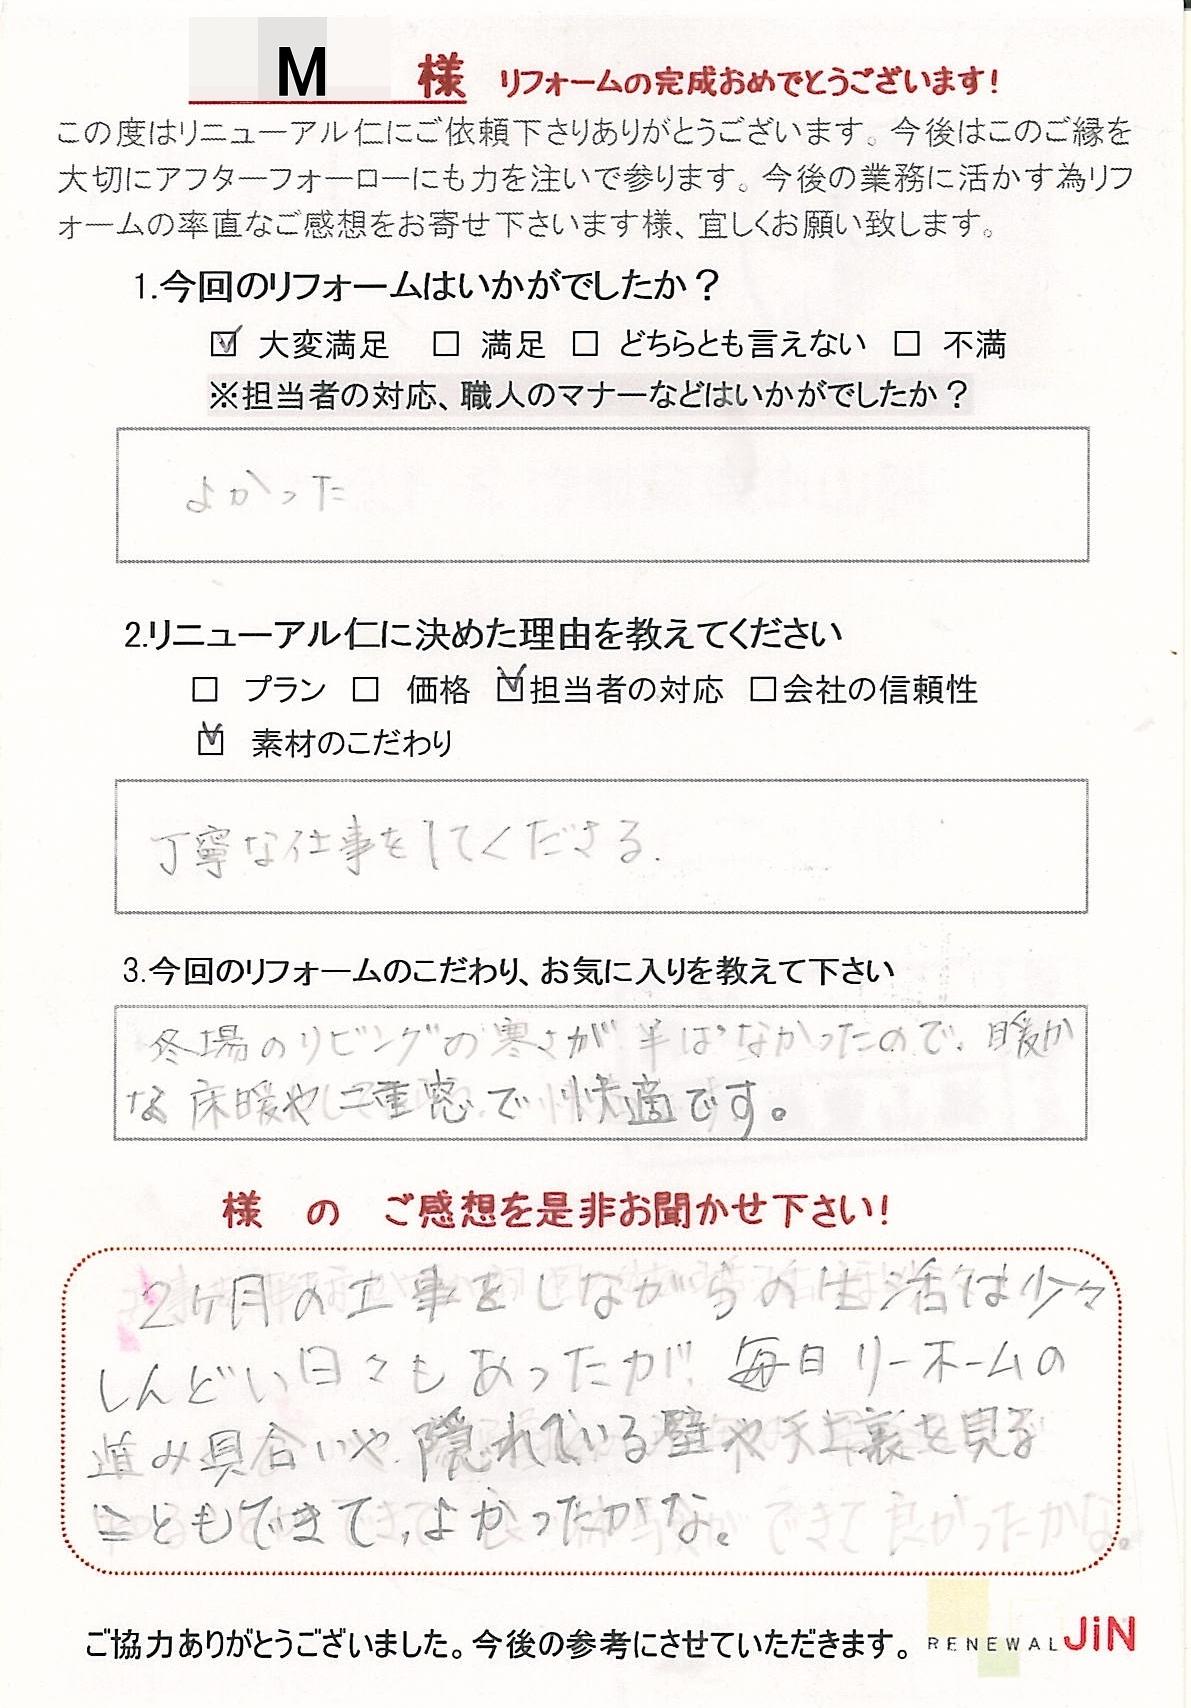 福山市M様邸:アンケート用紙